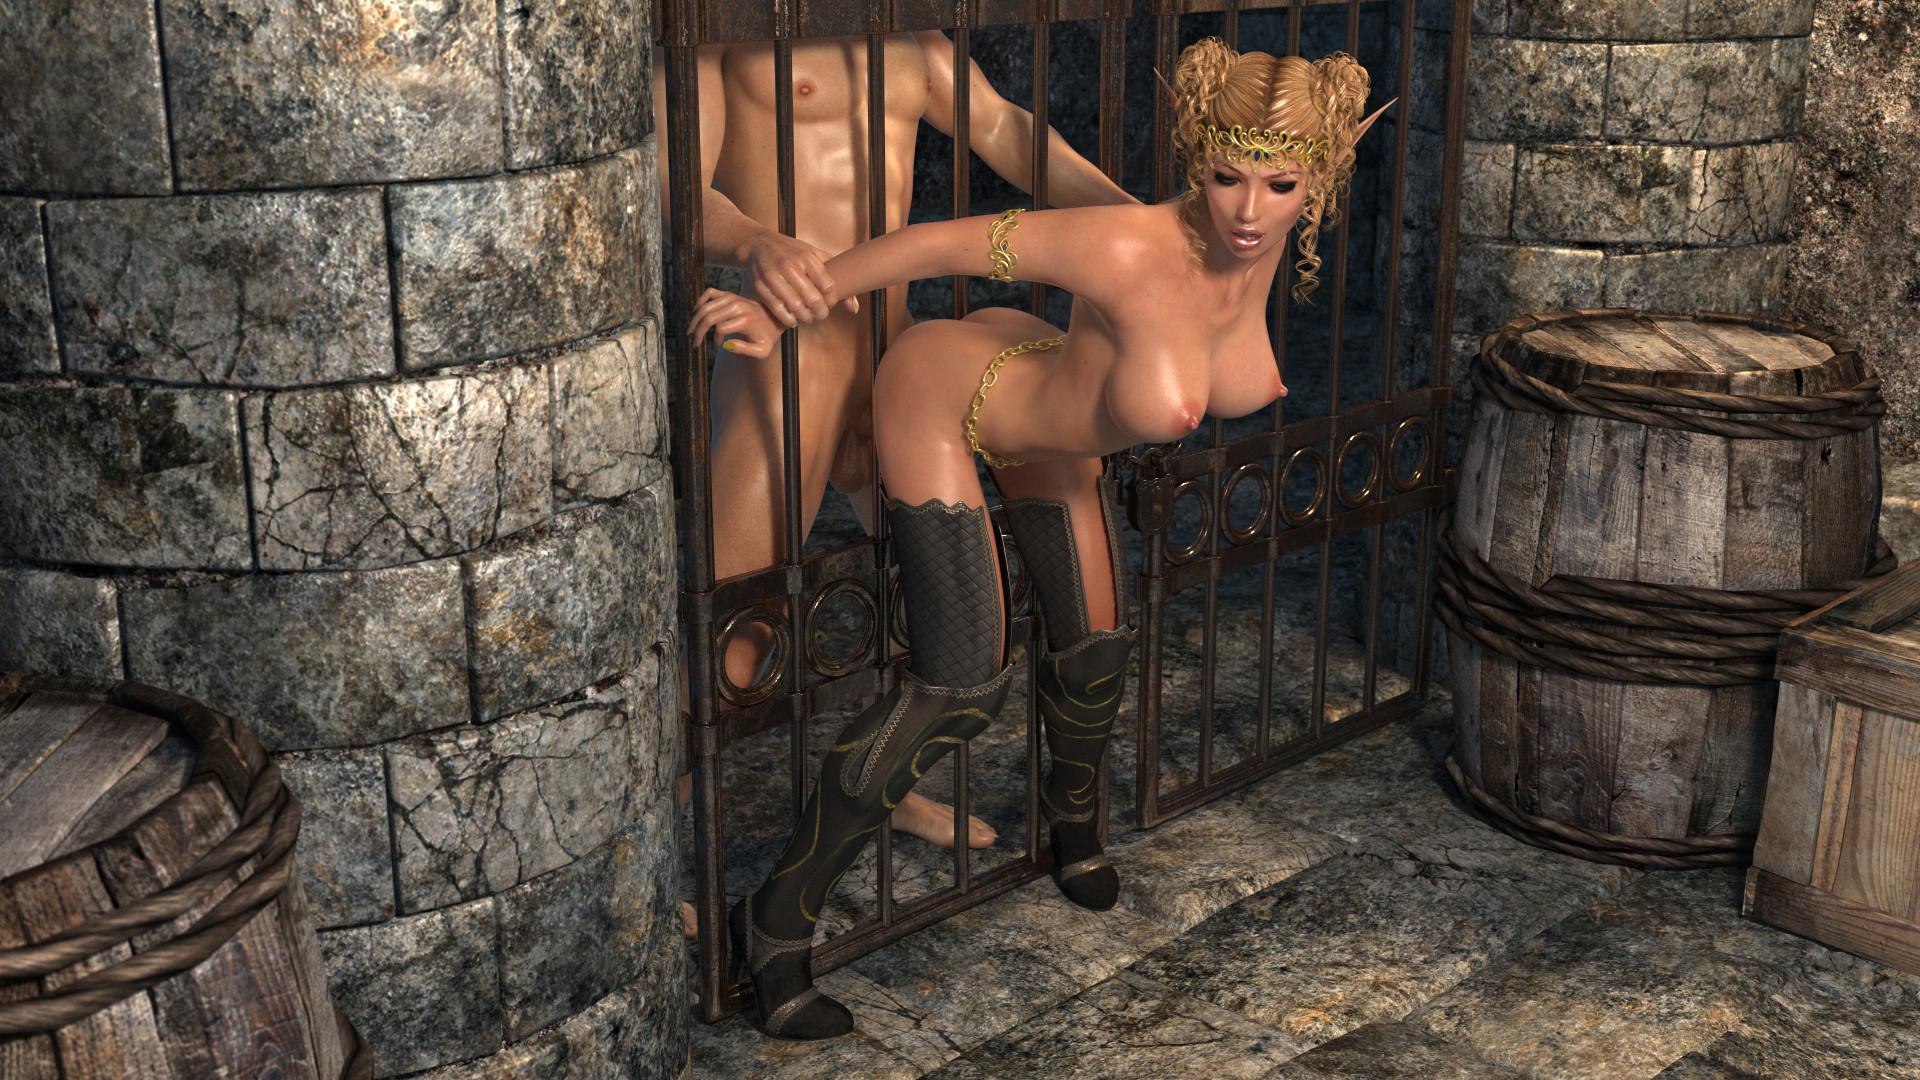 Эльфийка из эротическая игра, Сексуальная эльфийка ебется с орком из игры Warcraft 23 фотография